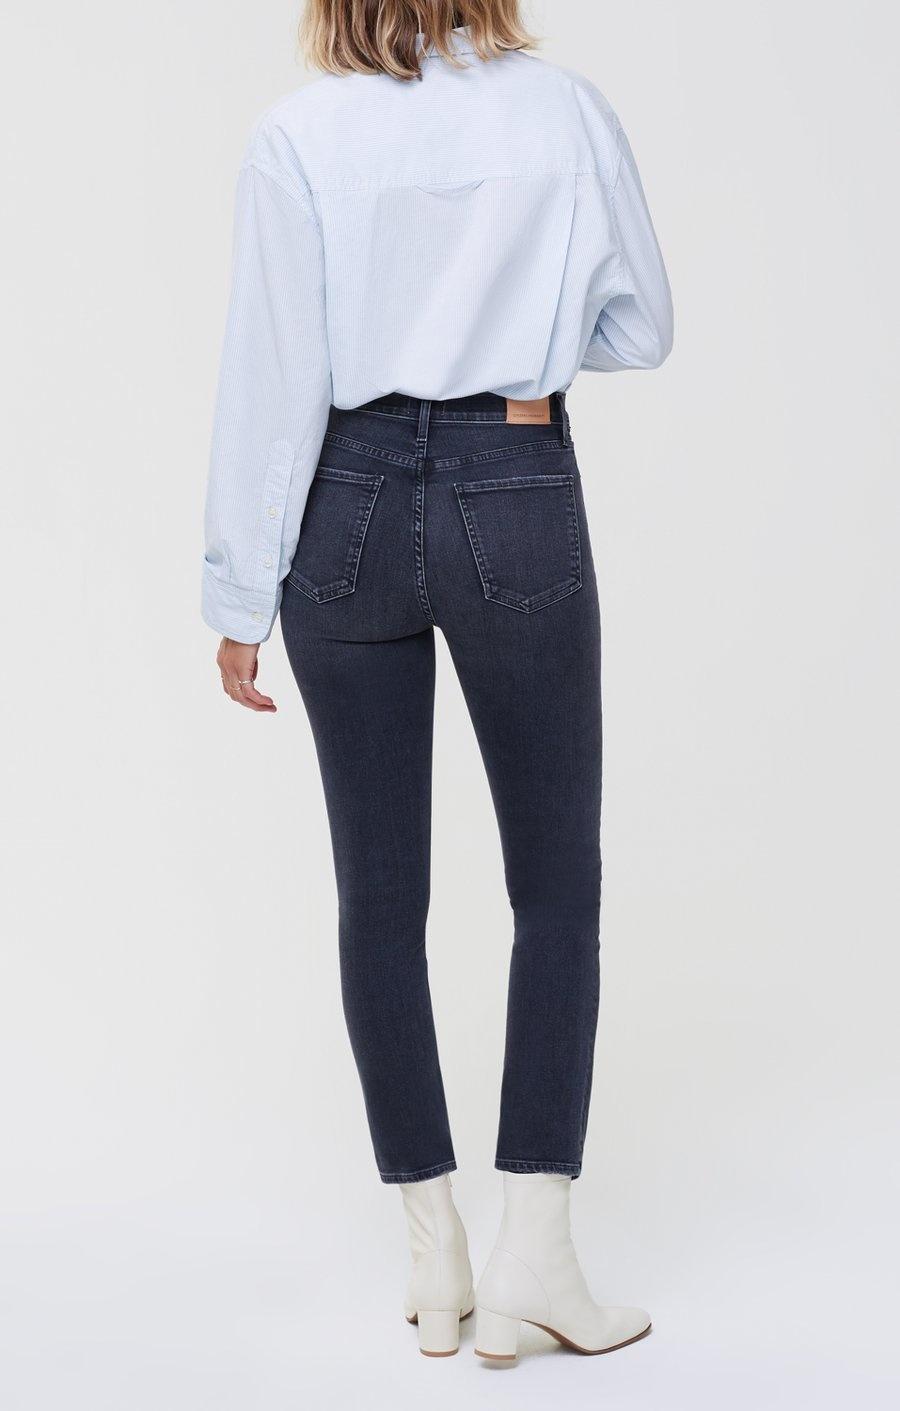 Olivia Jeans Radiant